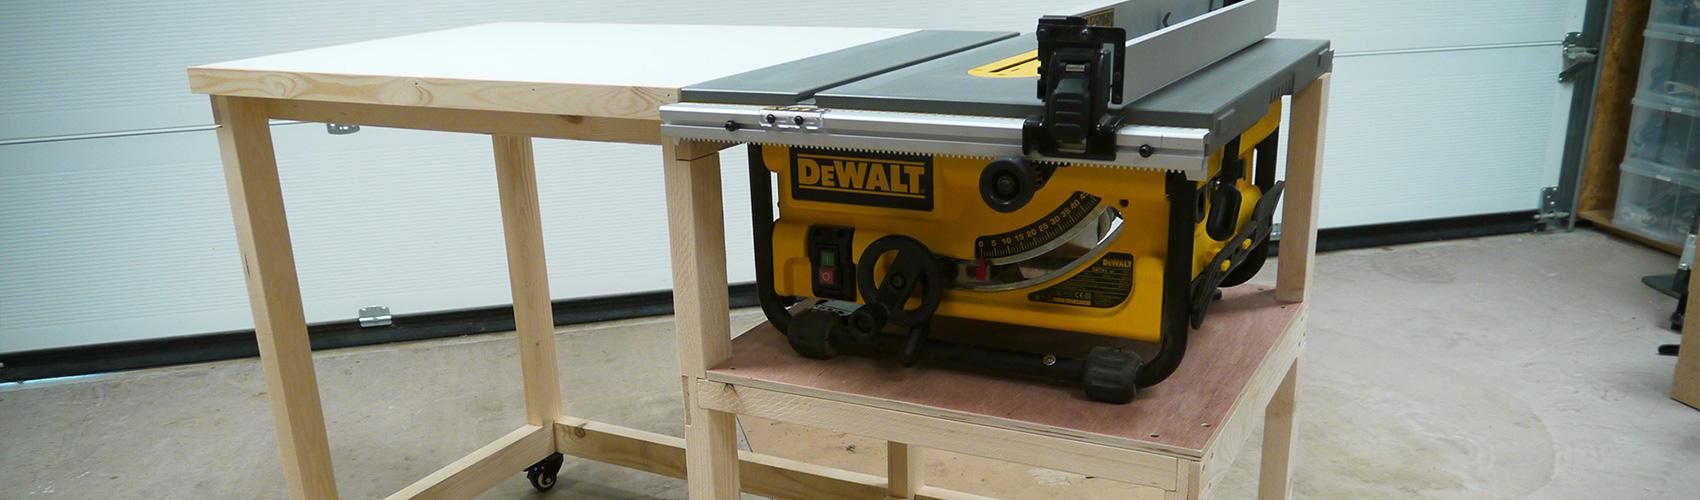 Fabrication d'un établi mobile polyvalent / EP01 - Dewalt DW745